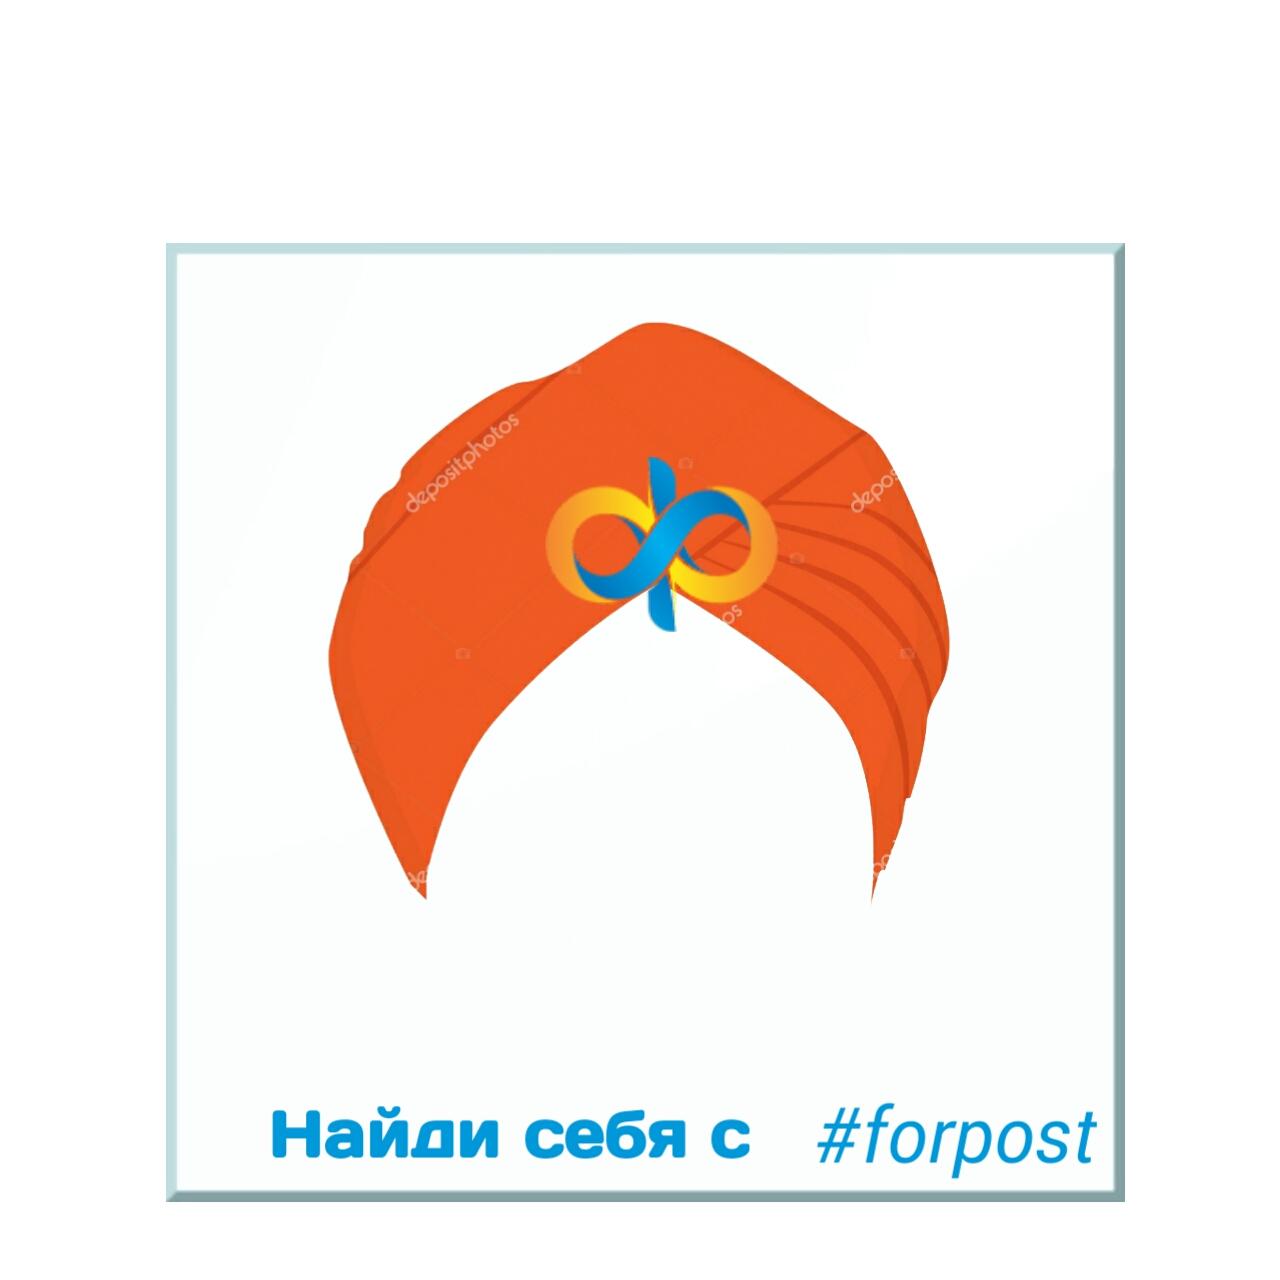 Дизайн флаера на прозрачном пластике фото f_3245b9b9d08aed14.jpg